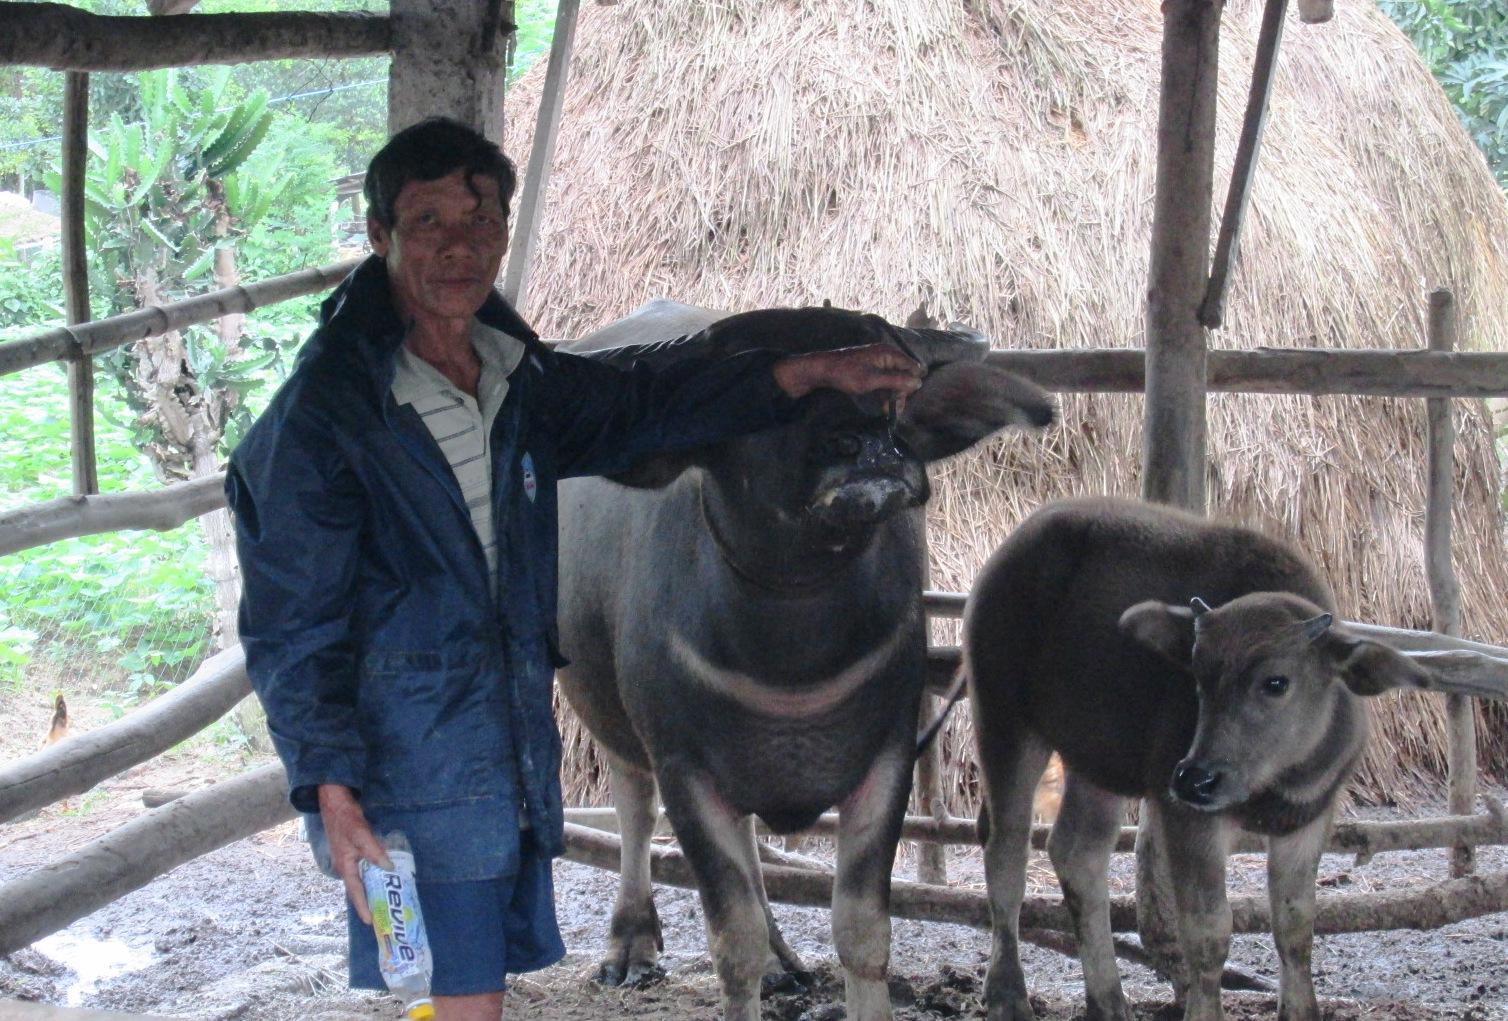 Khi phát hiện gia súc có dấu hiệu mắc bệnh LMLM, người chăn nuôi phải báo ngay cho chính quyền cơ sở và cơ quan thú y.